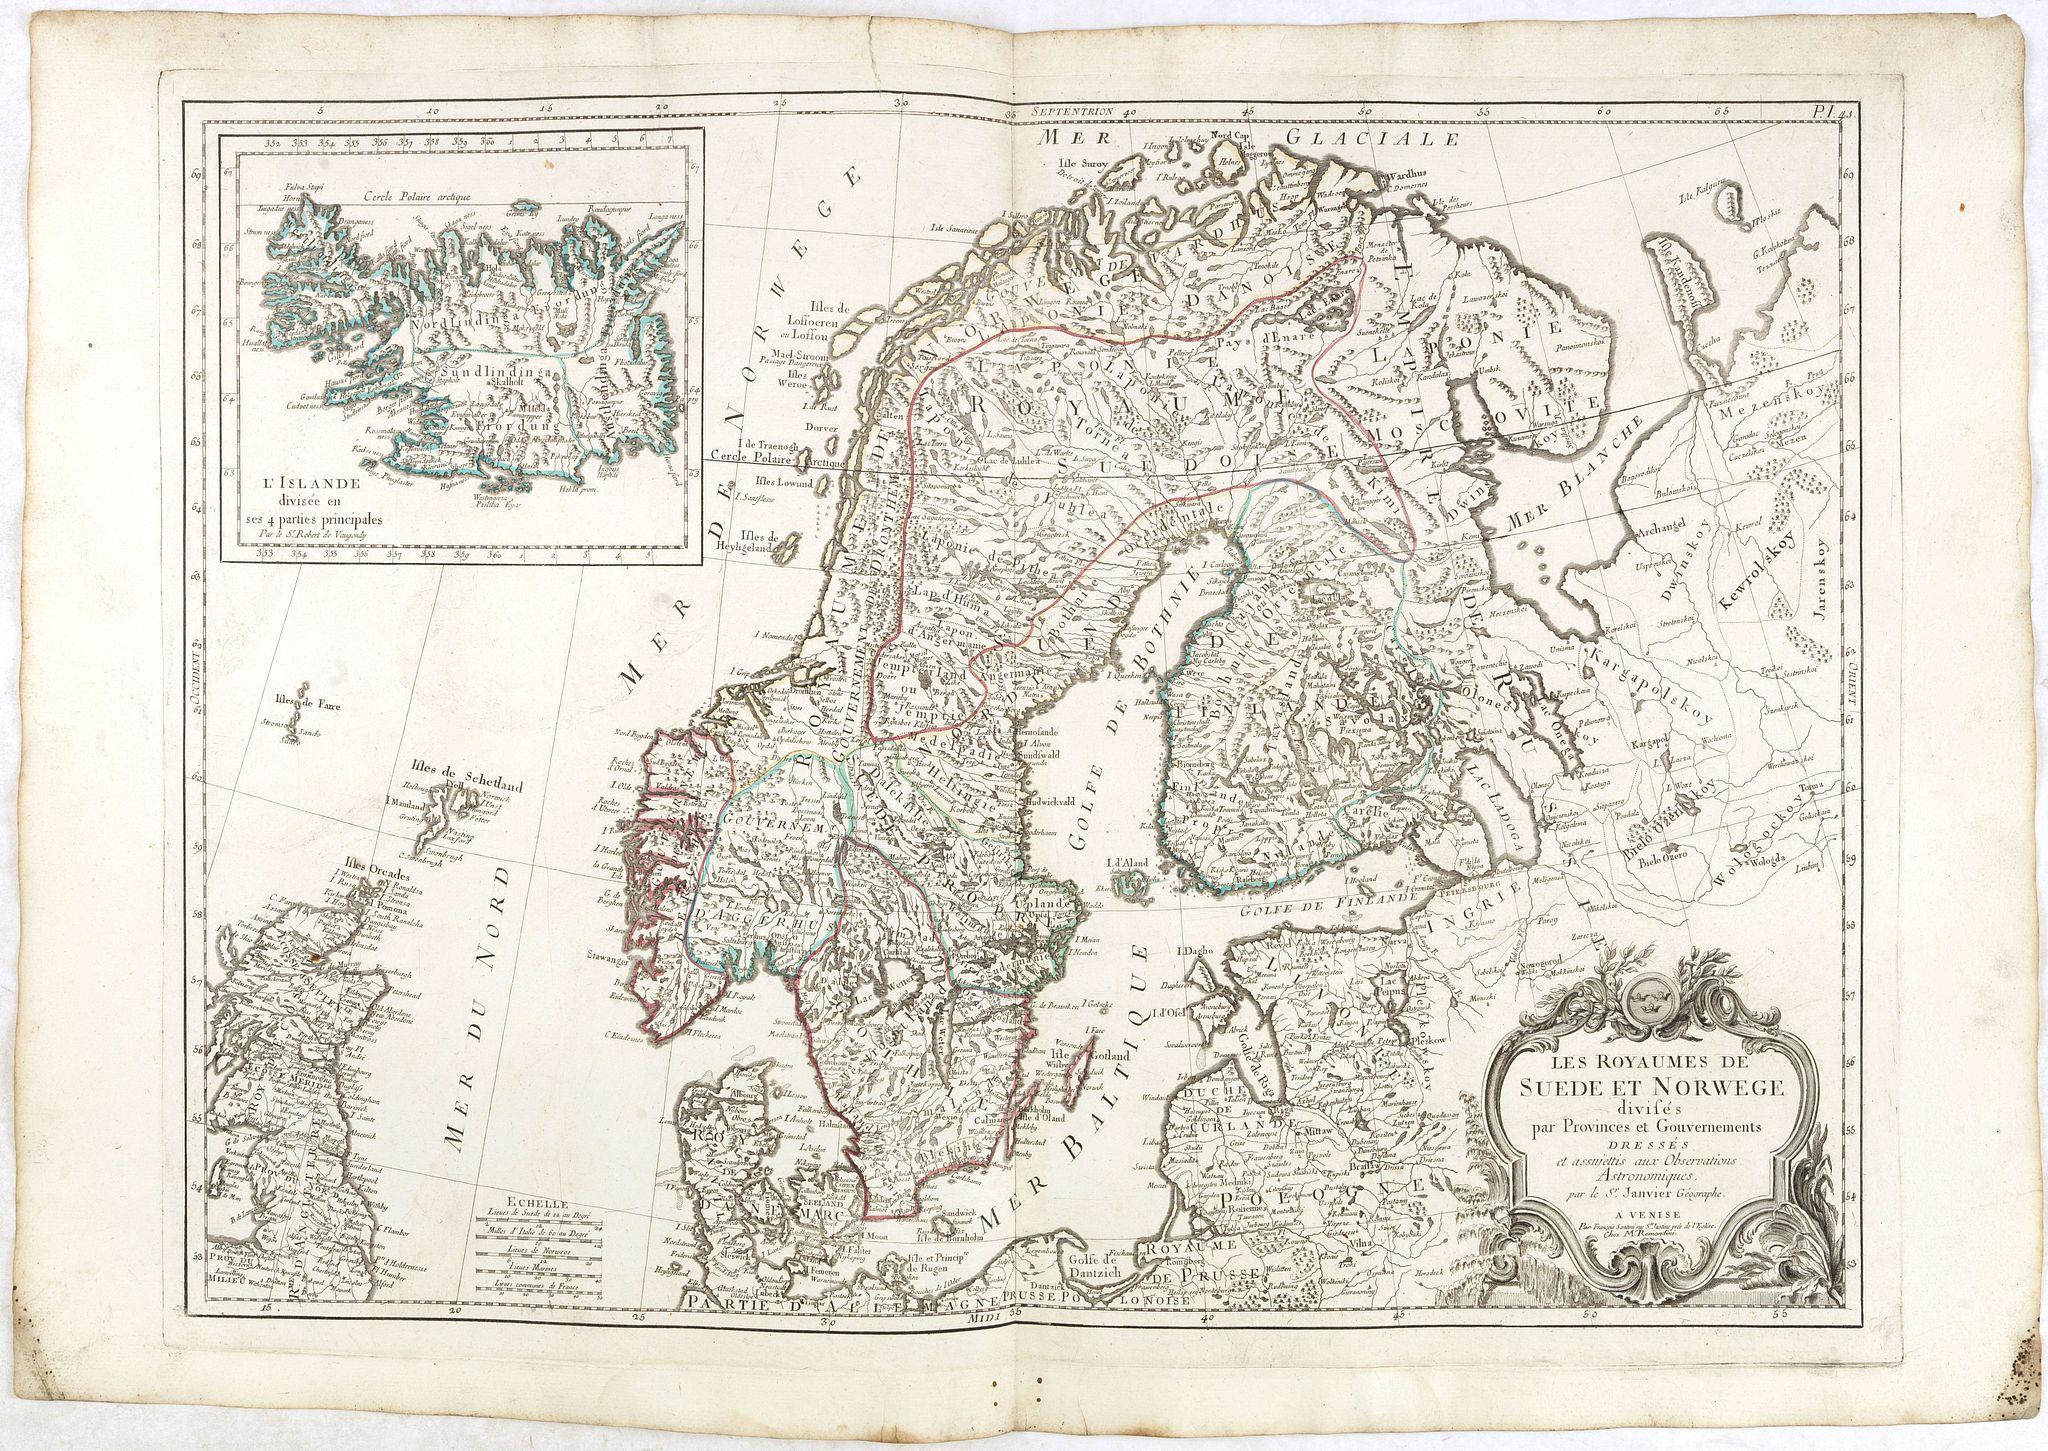 SANTINI, F. / REMONDINI, M. -  Les Royaumes de Suede et Norwege divisés par Provinces et Gouvernements Dressés et assujettis aux observations Astronomiques. Par le Sr. Janvier Géographe.